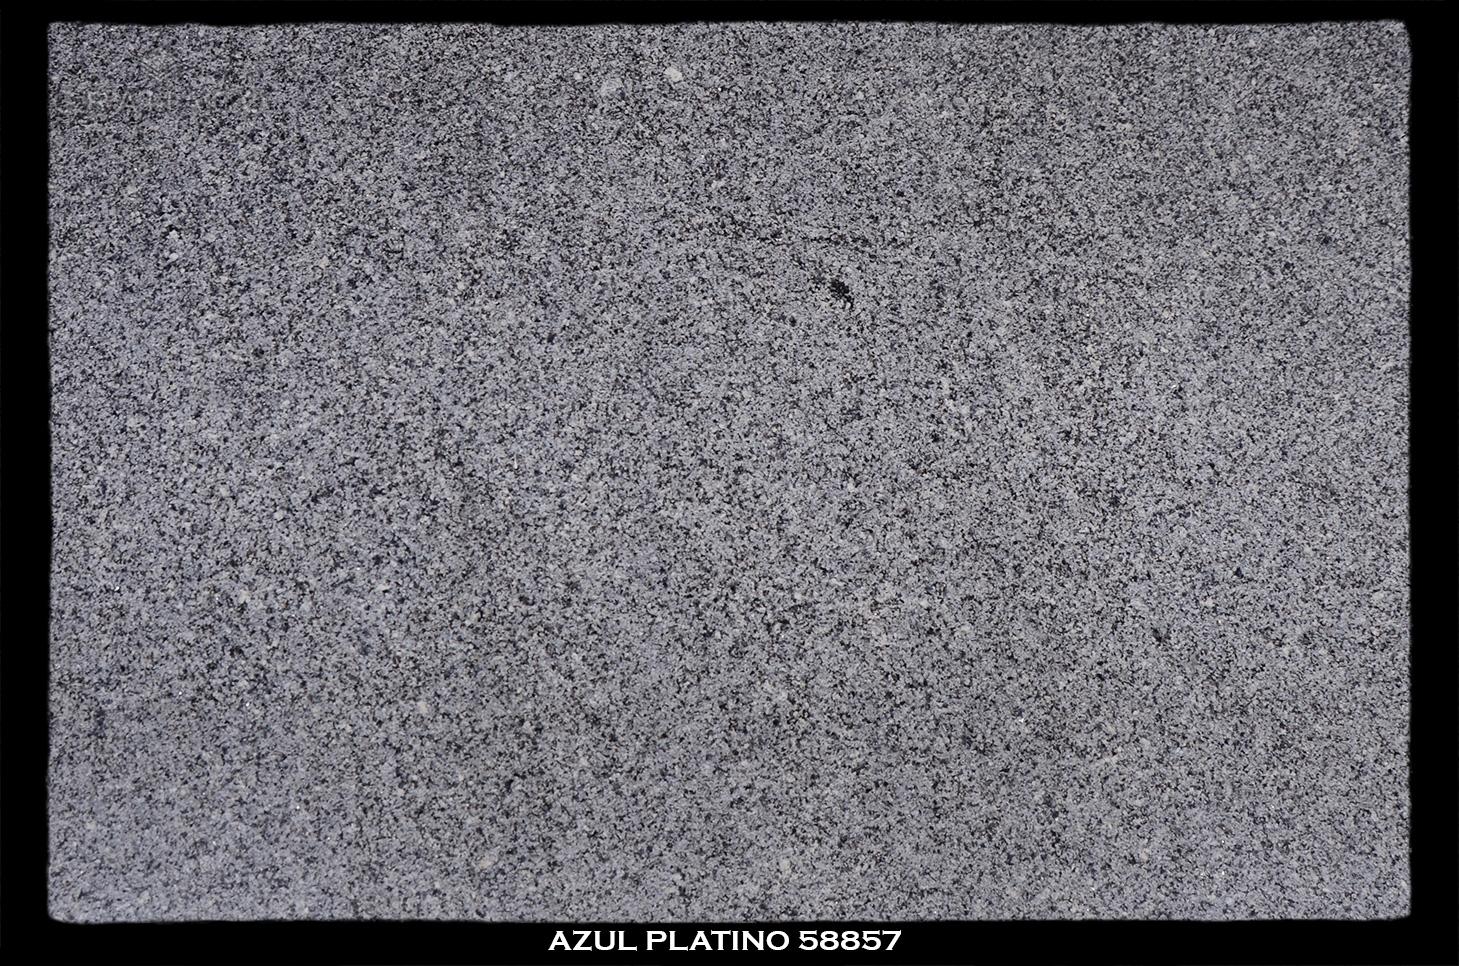 Azul-Platino-58857-slab